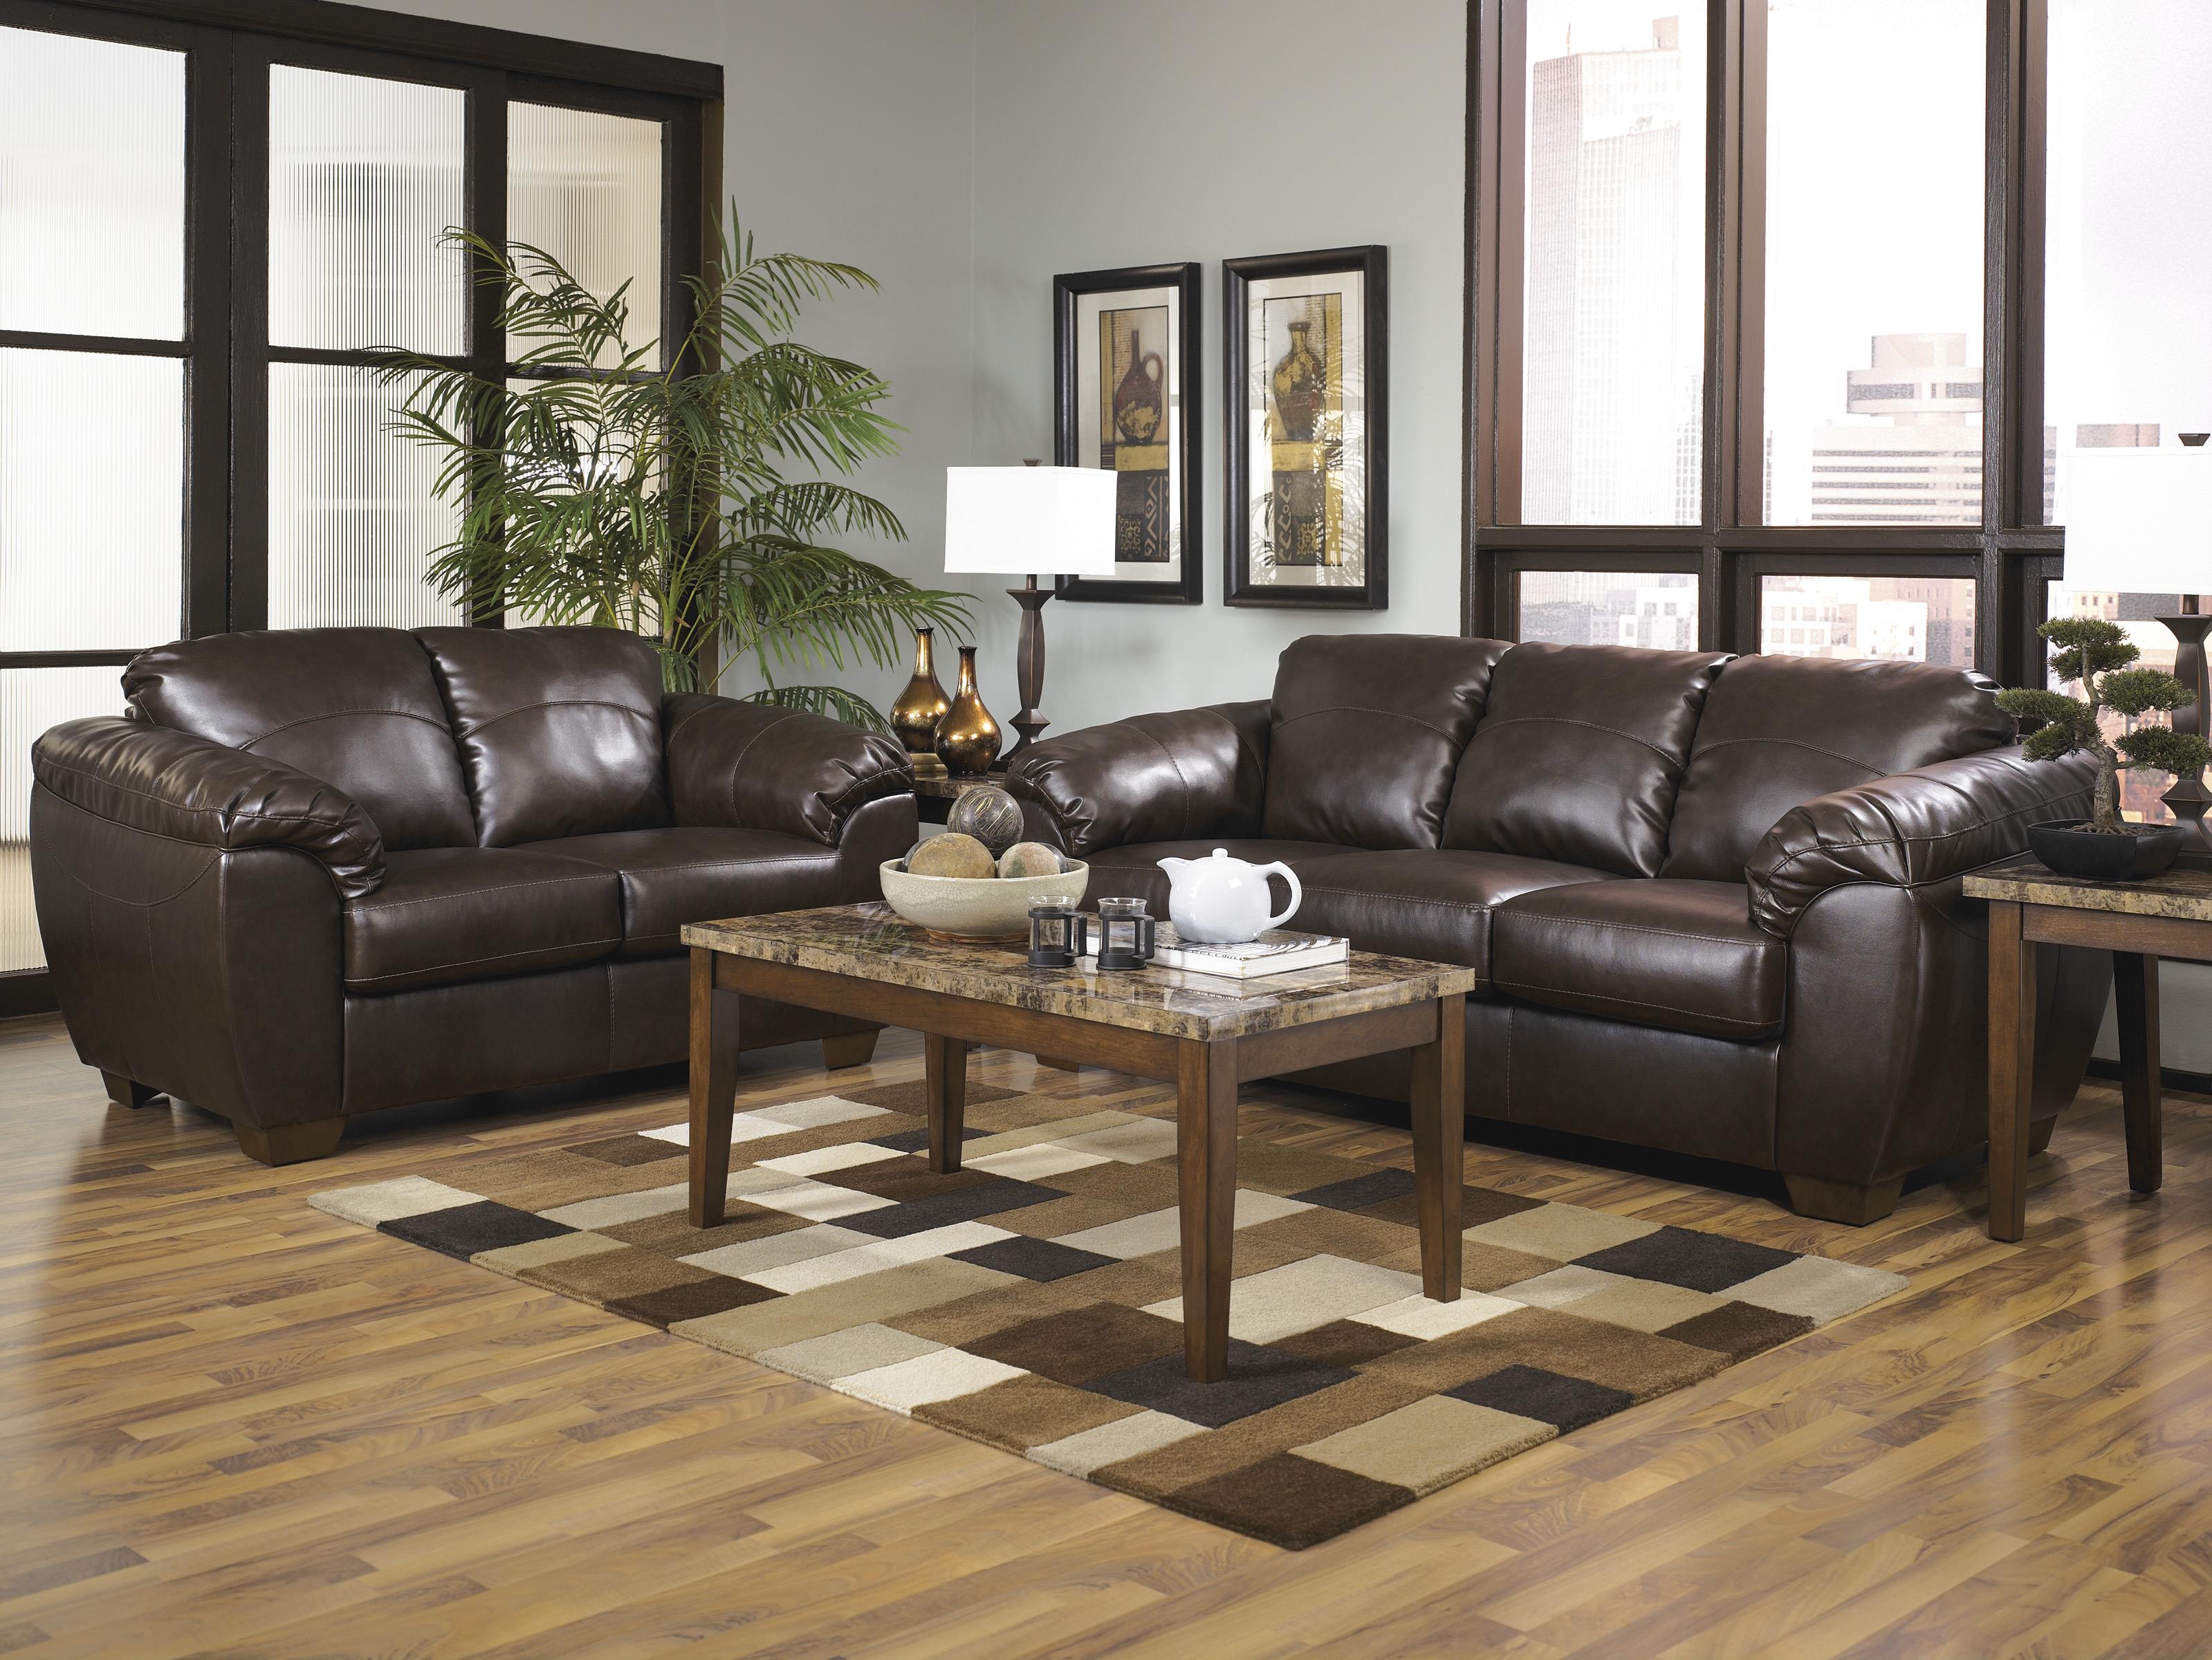 Millennium Franden DuraBlend - Cafe Stationary Living Room Group - Item Number: 98800 Living Room Group 1